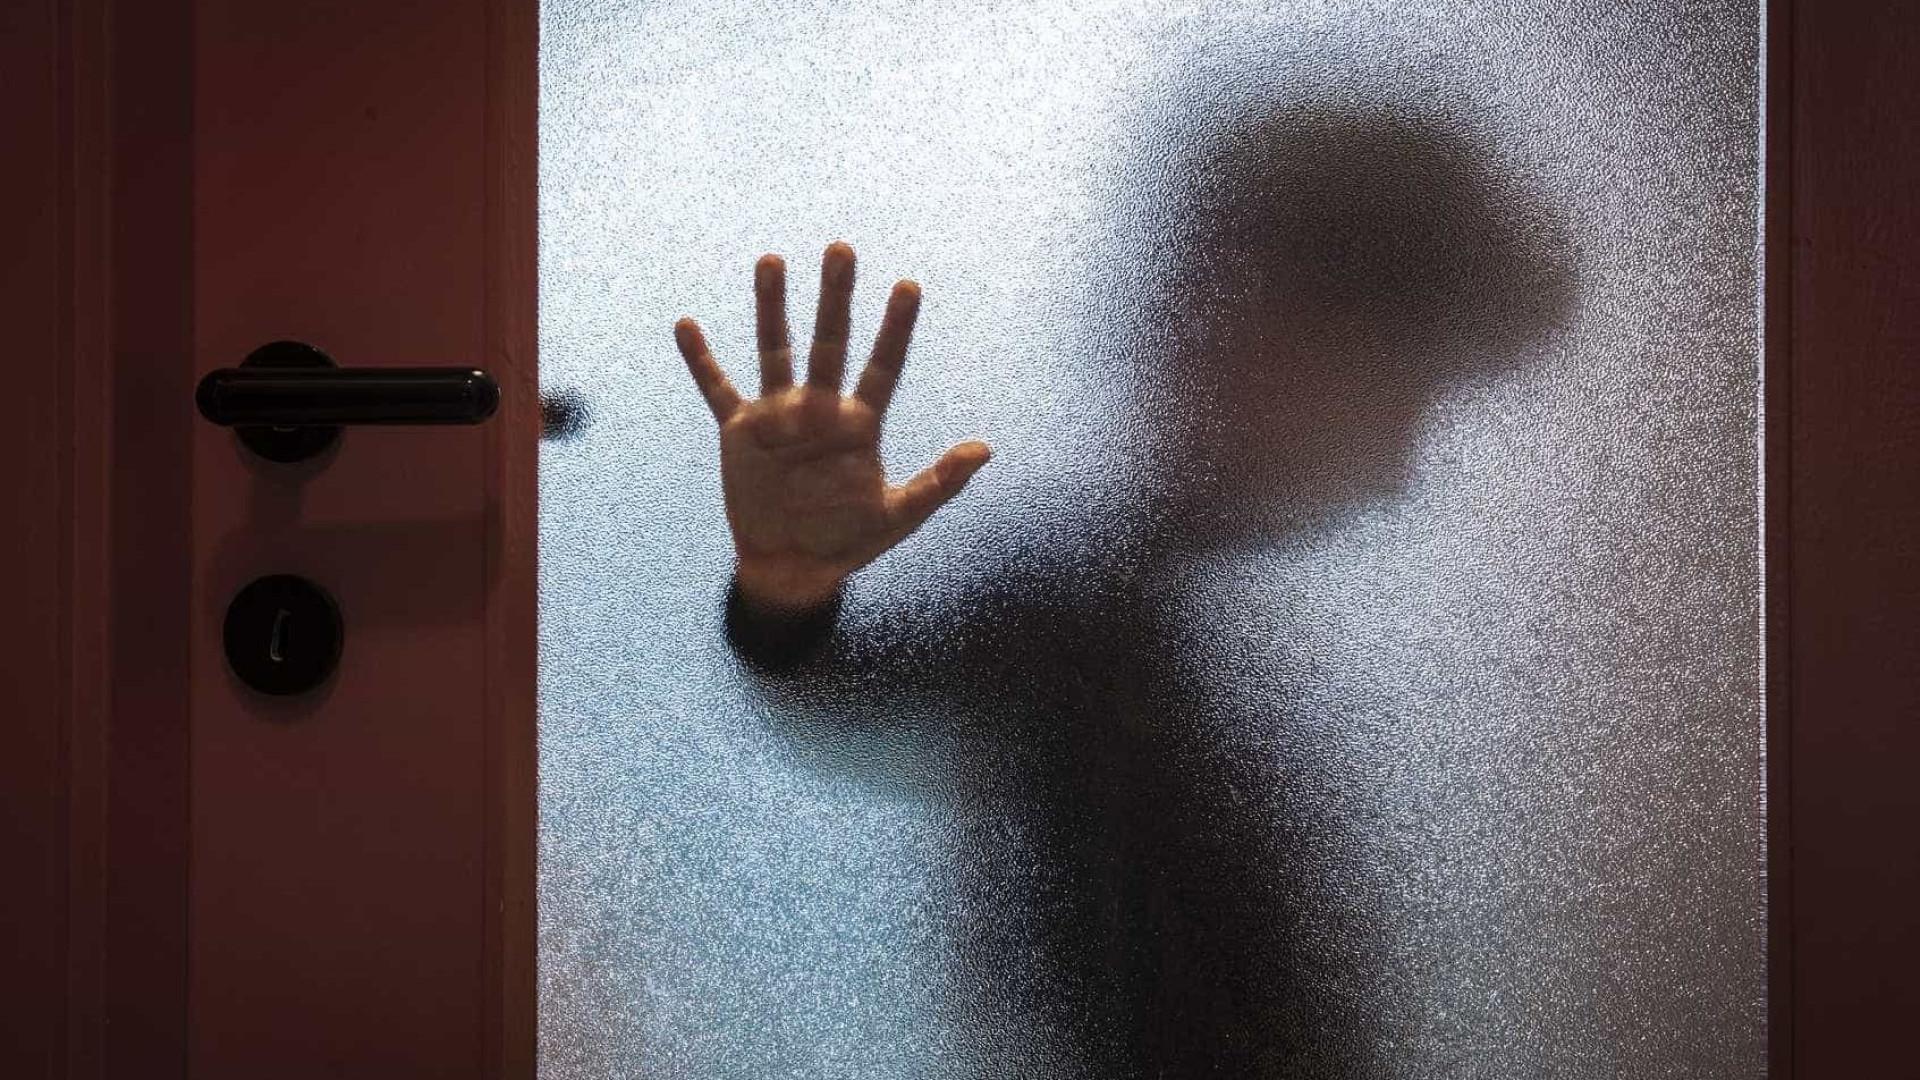 Relatório da Igreja na Alemanha revela 3.677 abusos sexuais desde 1946